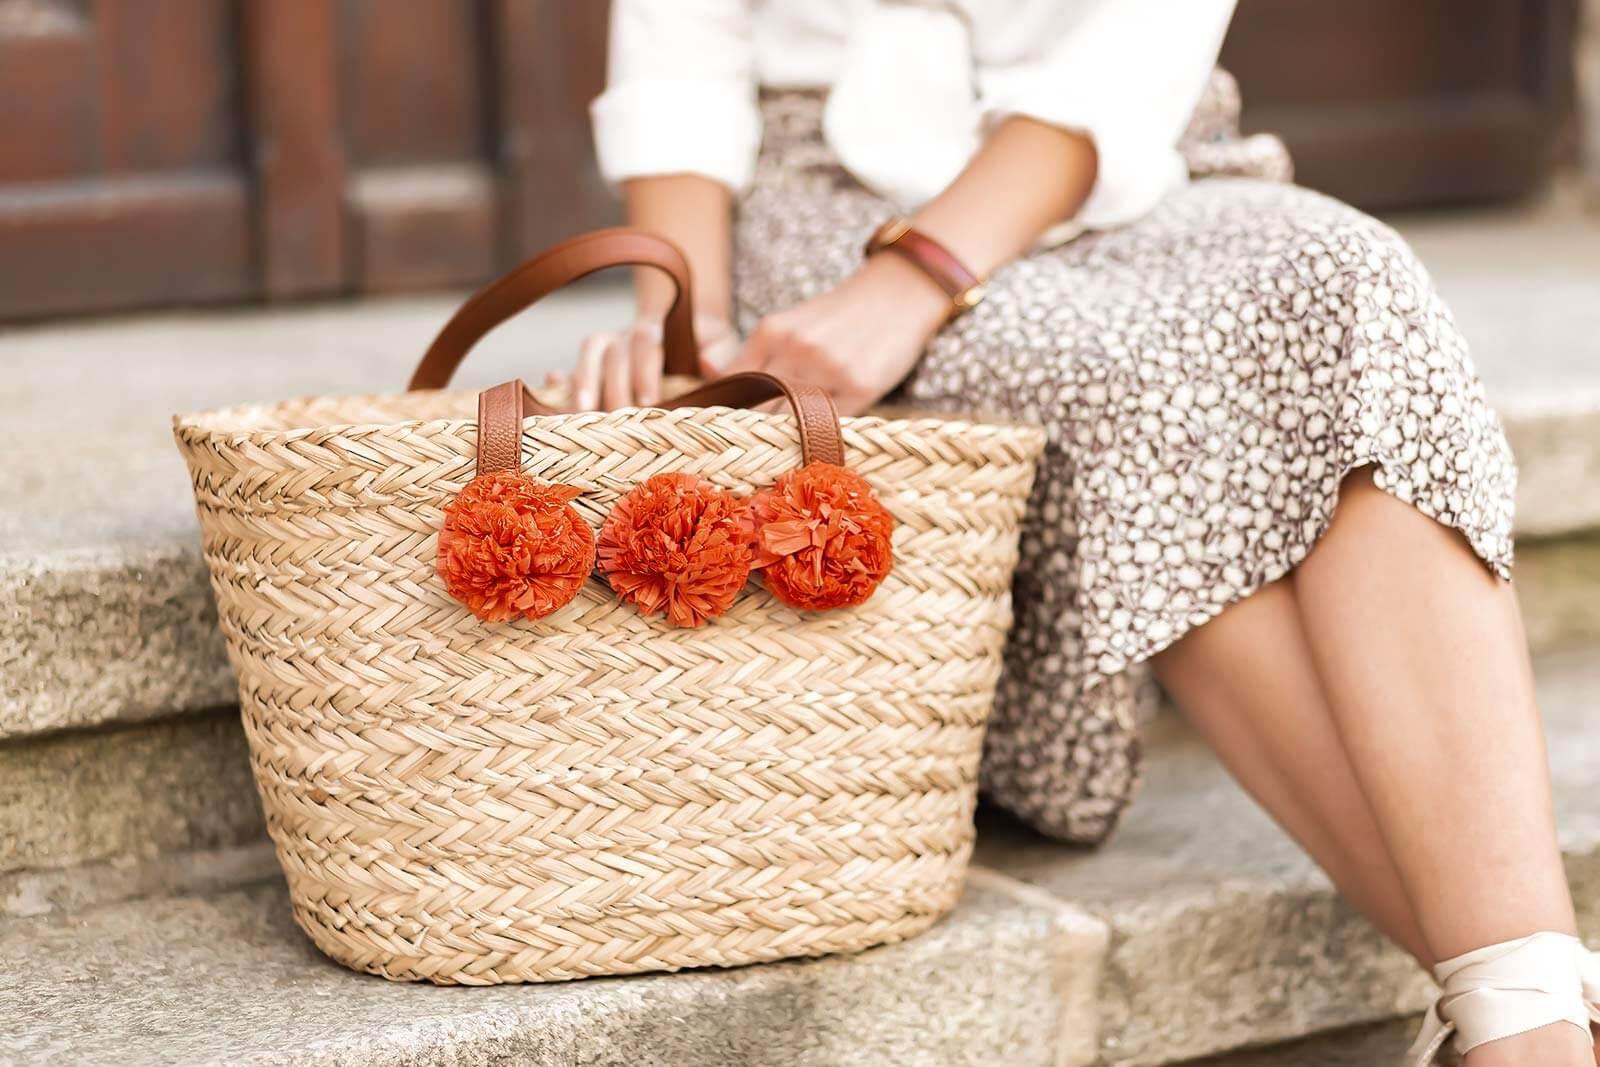 Sommer Taschen, Trend Taschen 2020, Taschen aus Naturmaterialien, Korbtaschen, Strohtaschen, Shoelove by Deichmann